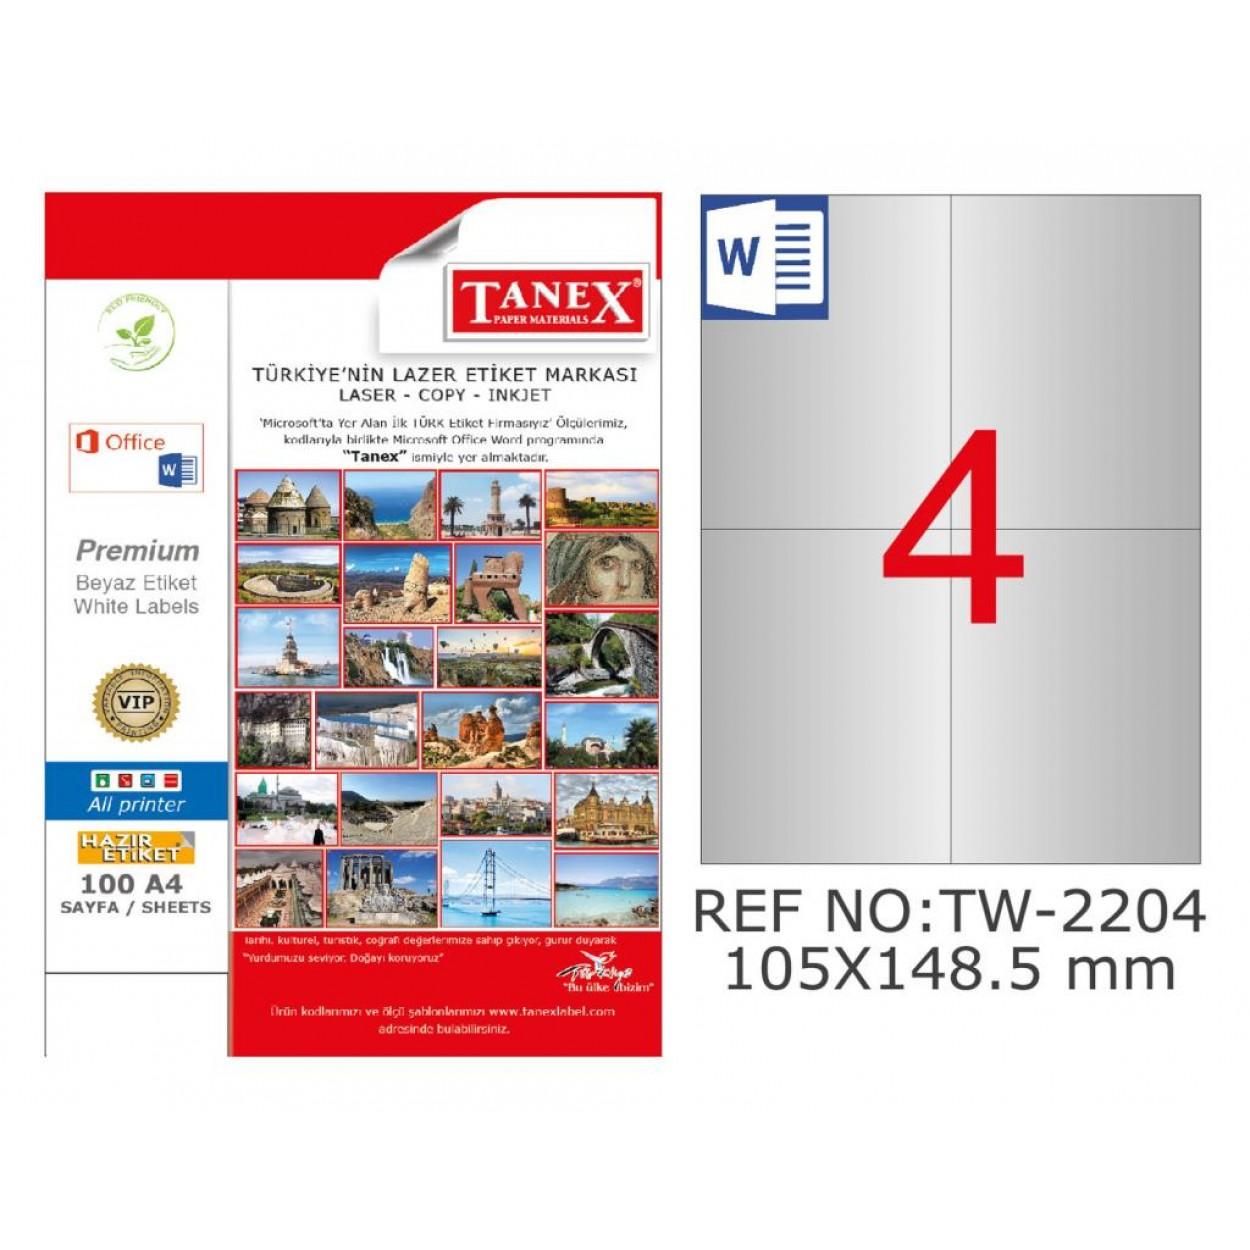 Tanex TW-2204 105x148.5mm Gümüş Lazer Etiket 100 Lü